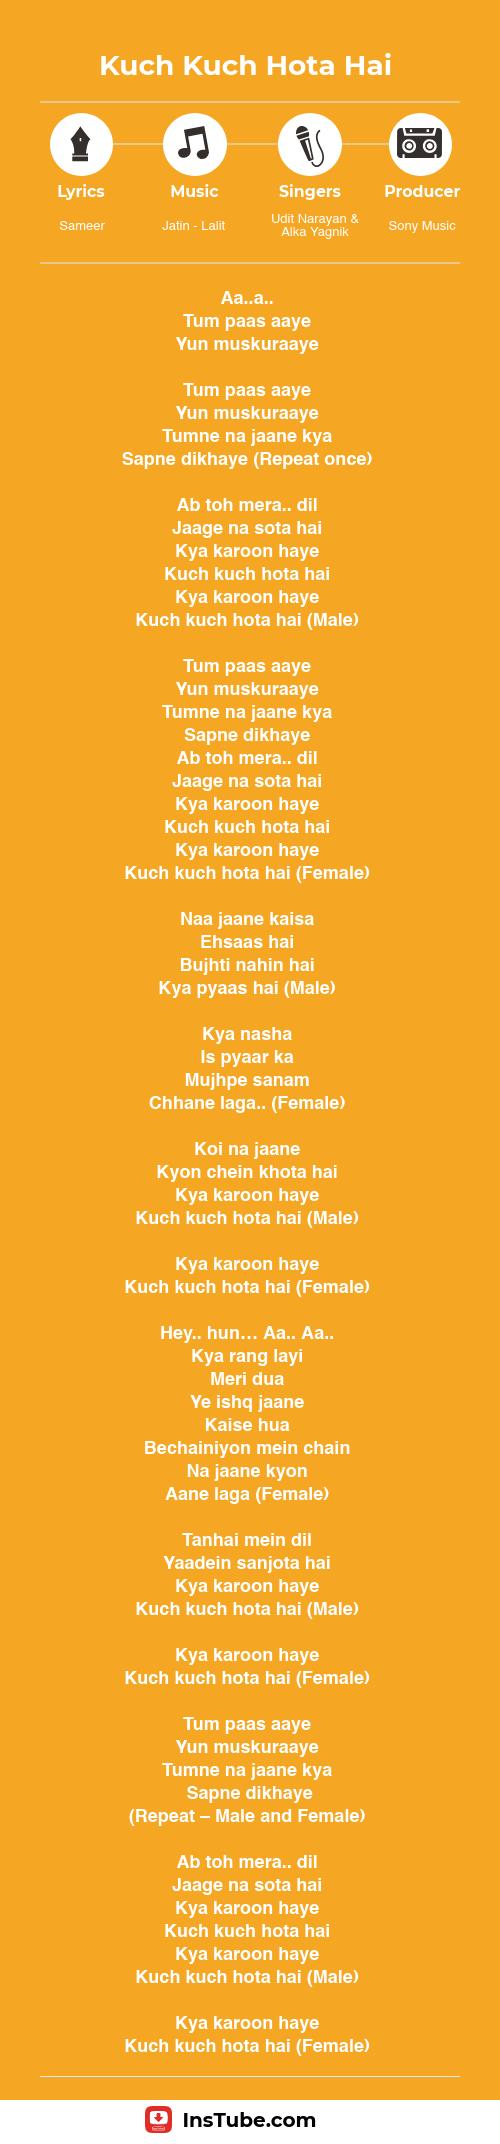 Shahrukhkhan Kuchkuchhotahai Kuchkuchhotahaisongs I Do Enjoy Koi Mil Gaya Kuch Kuch Hota Hai Songs Full Movie Mp3 Down Songs Kuch Kuch Hota Hai Film Song